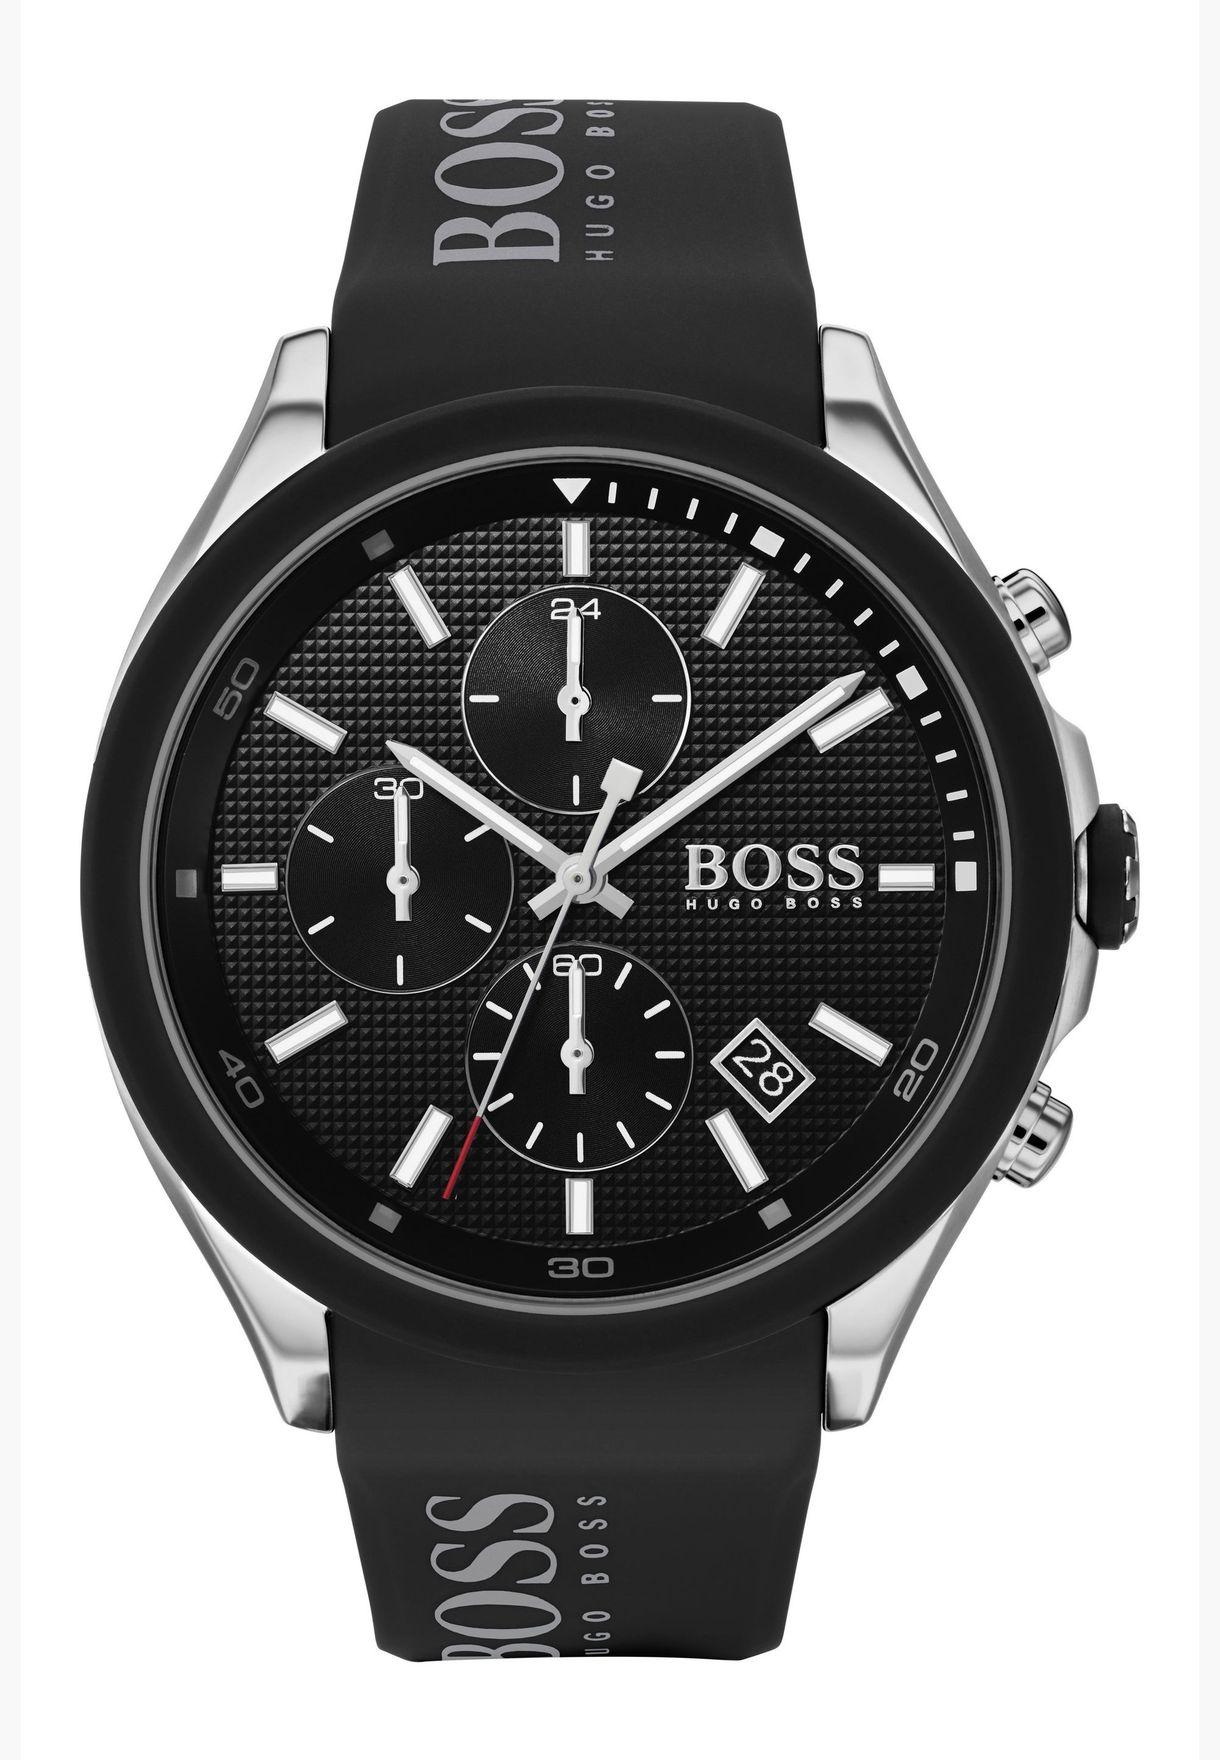 هيوغو بوس فيلوسيتي ساعة بسوار سيليكون للرجال - 1513716